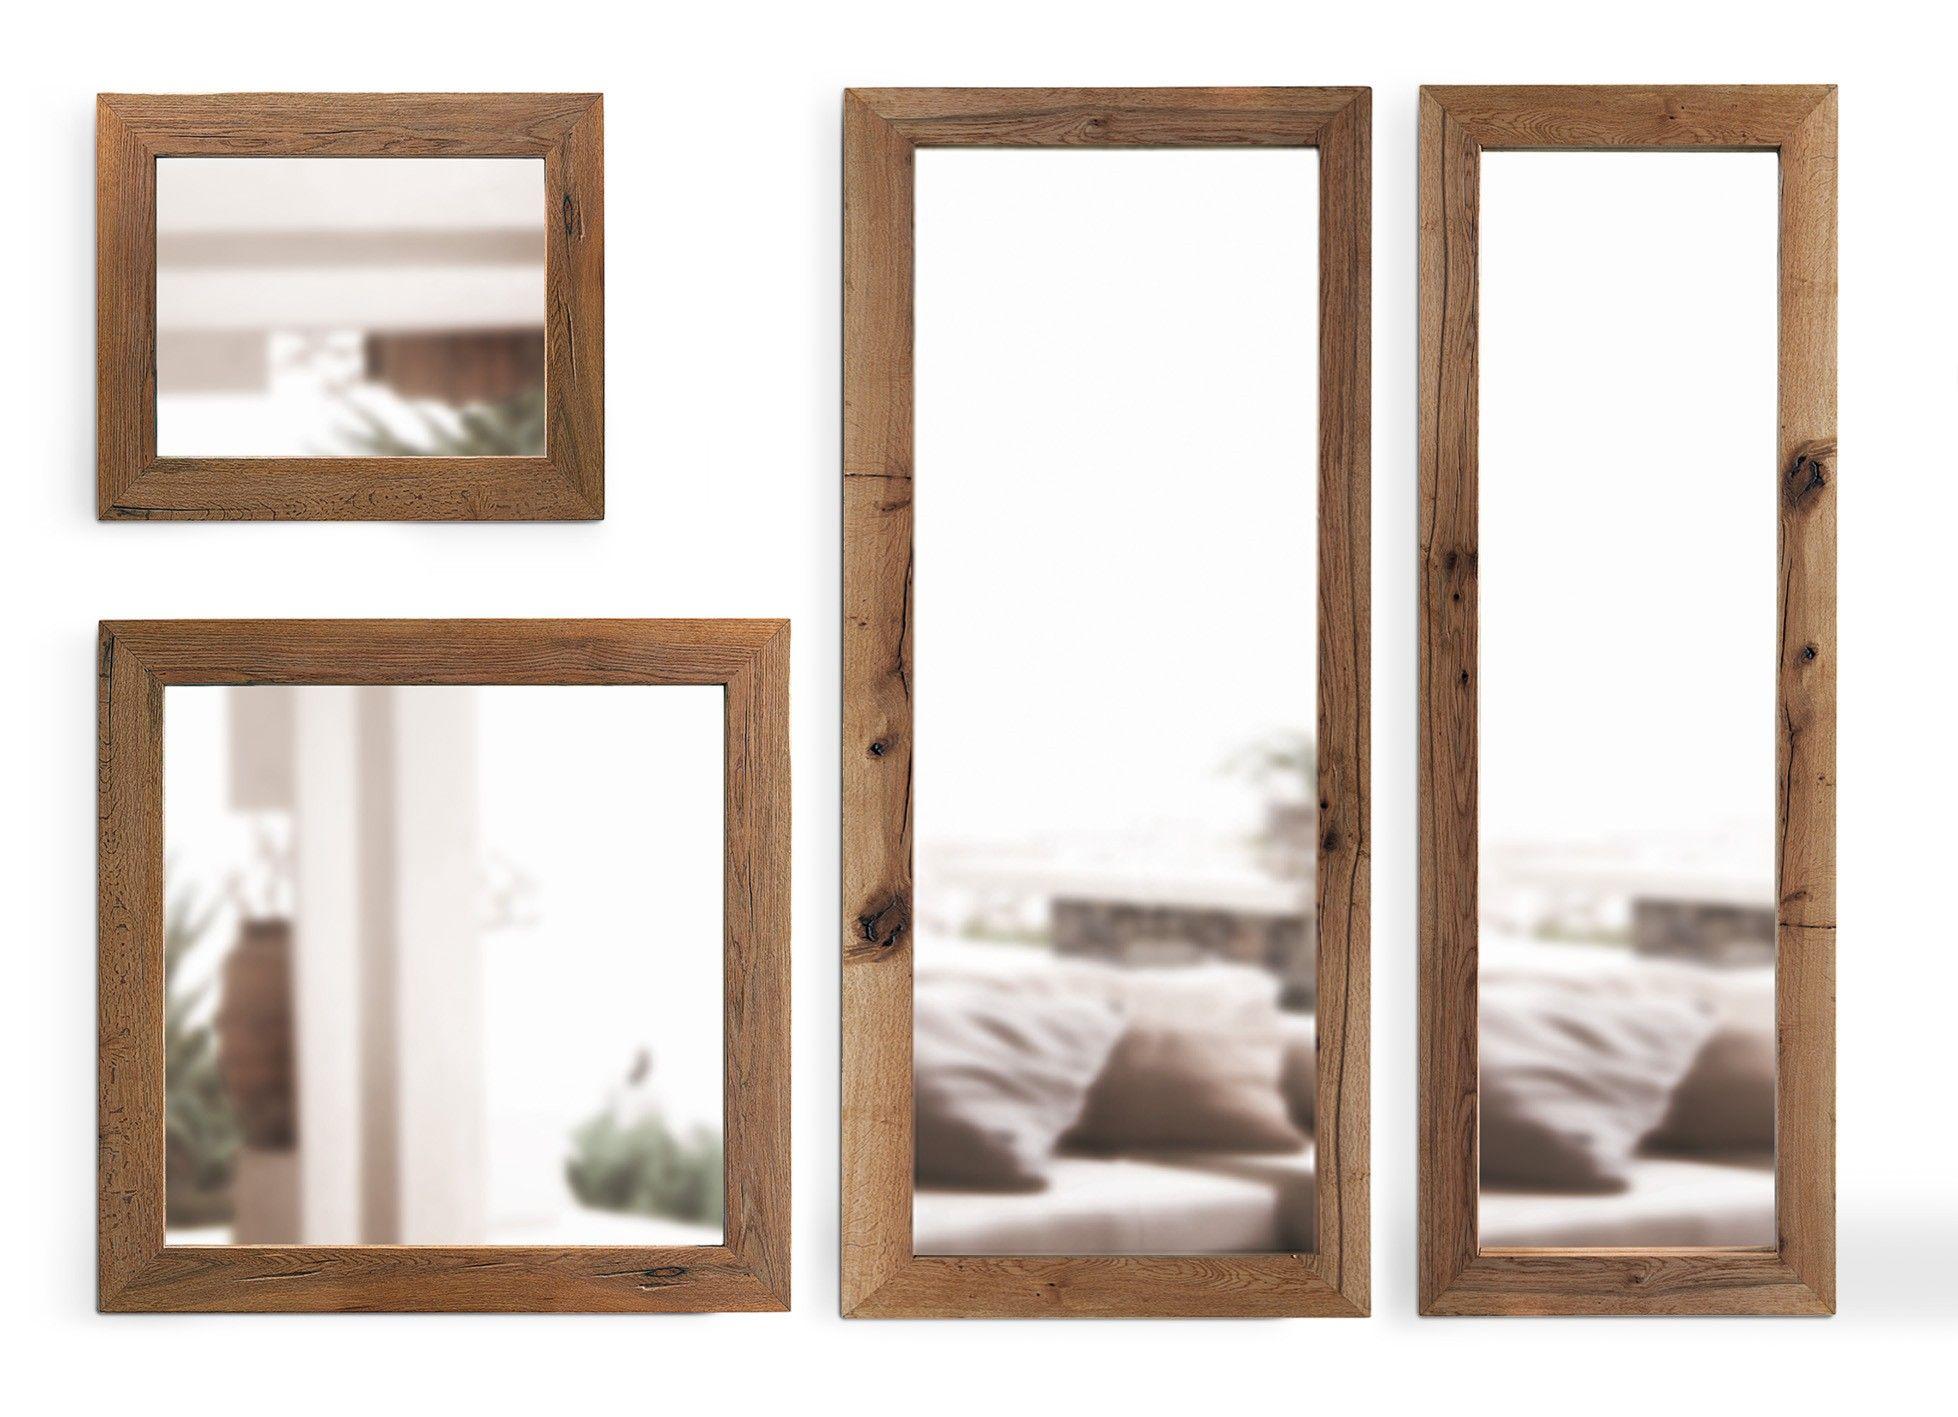 Jetzt bei Desigano.com Mirror Spiegel Set Accessoires, Spiegel, Accessoires, Spiegel aus Holz von Oliver B. ab Euro 2 127,00 € Spieglein, Spieglein an der Wand, wer ist der schönste Spiegel im ganzen Land. Das ist definitiv das Spiegel Set aus hochwertigen Nussbaumholz. Dieses Set besteht aus 4 Spiegel mit jeweils einer Tiefe von 2cm 1x 90x70cm 1x 110x110cm 1x 70x200cm 1x 100x200cm Der Rahmen ist aus wilder Eiche in verschiedenen Farben erhältlich.